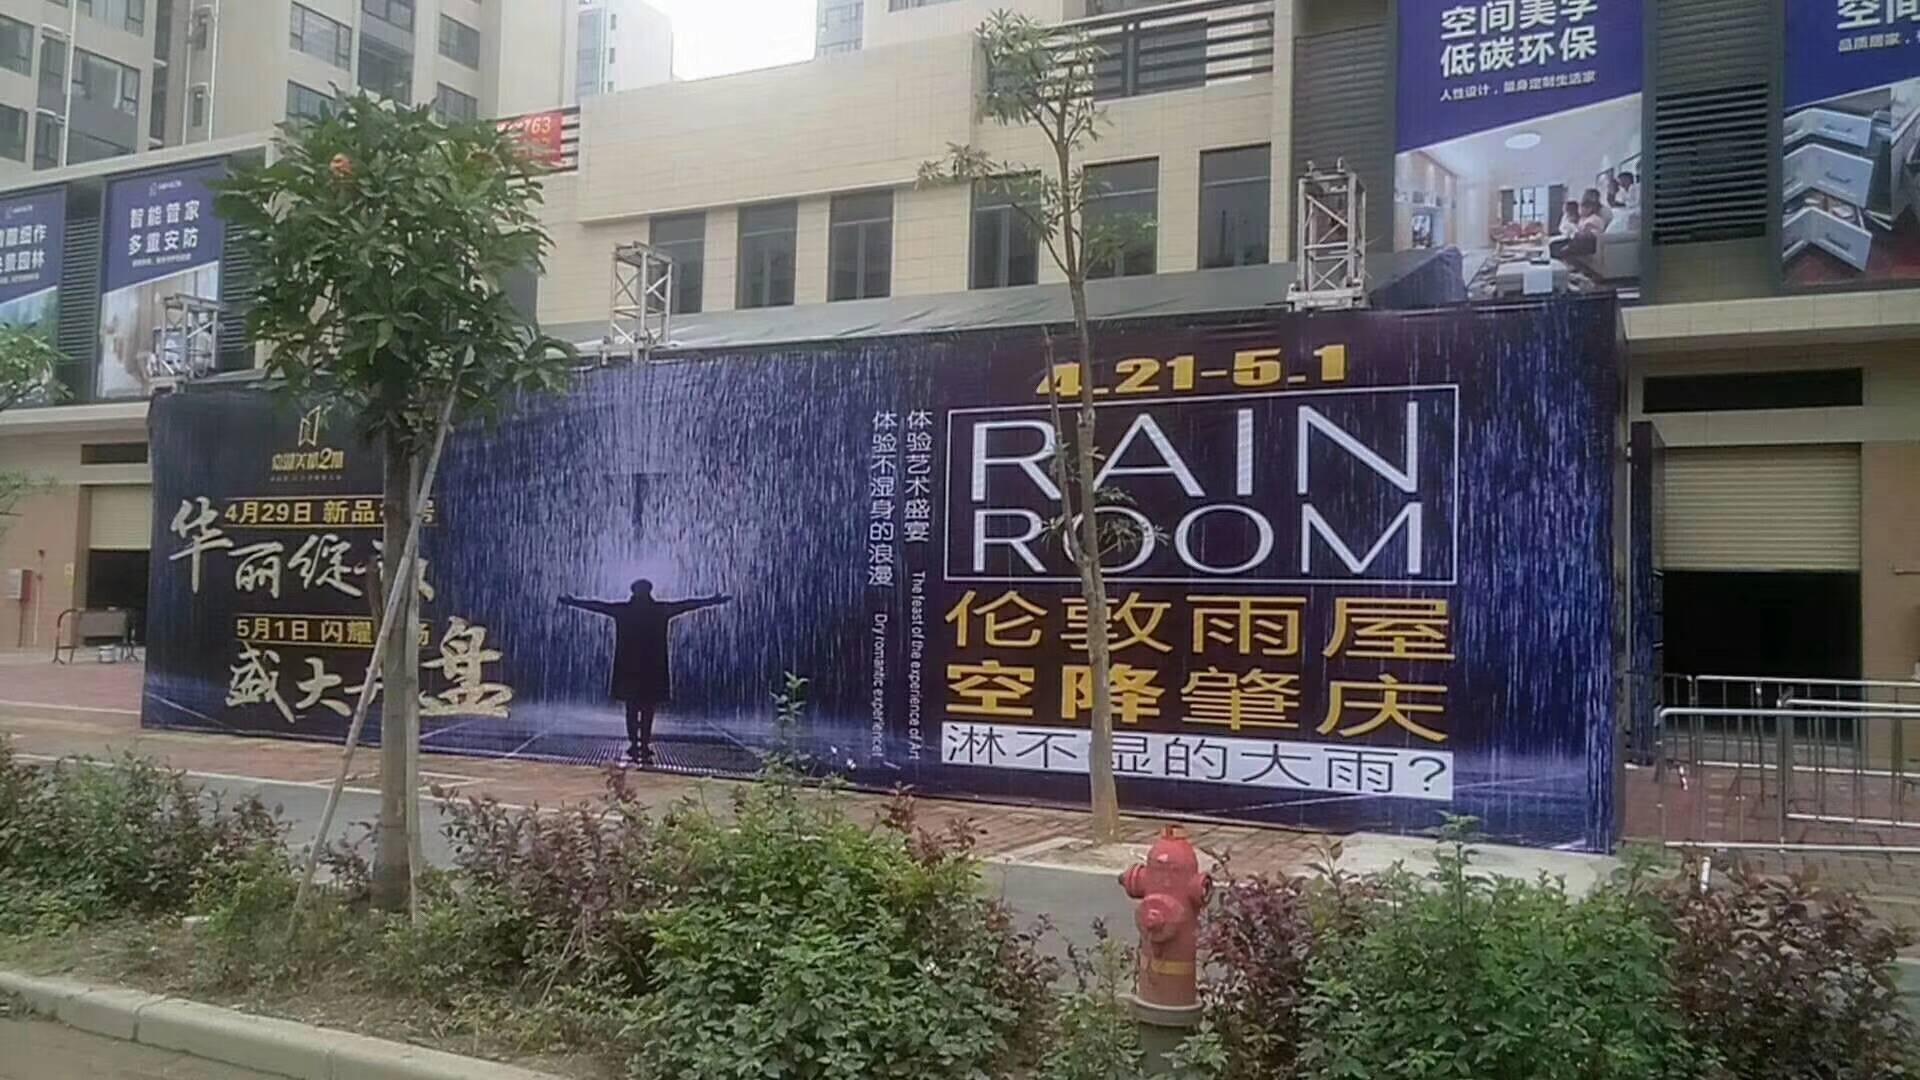 上海盈戈文化传播